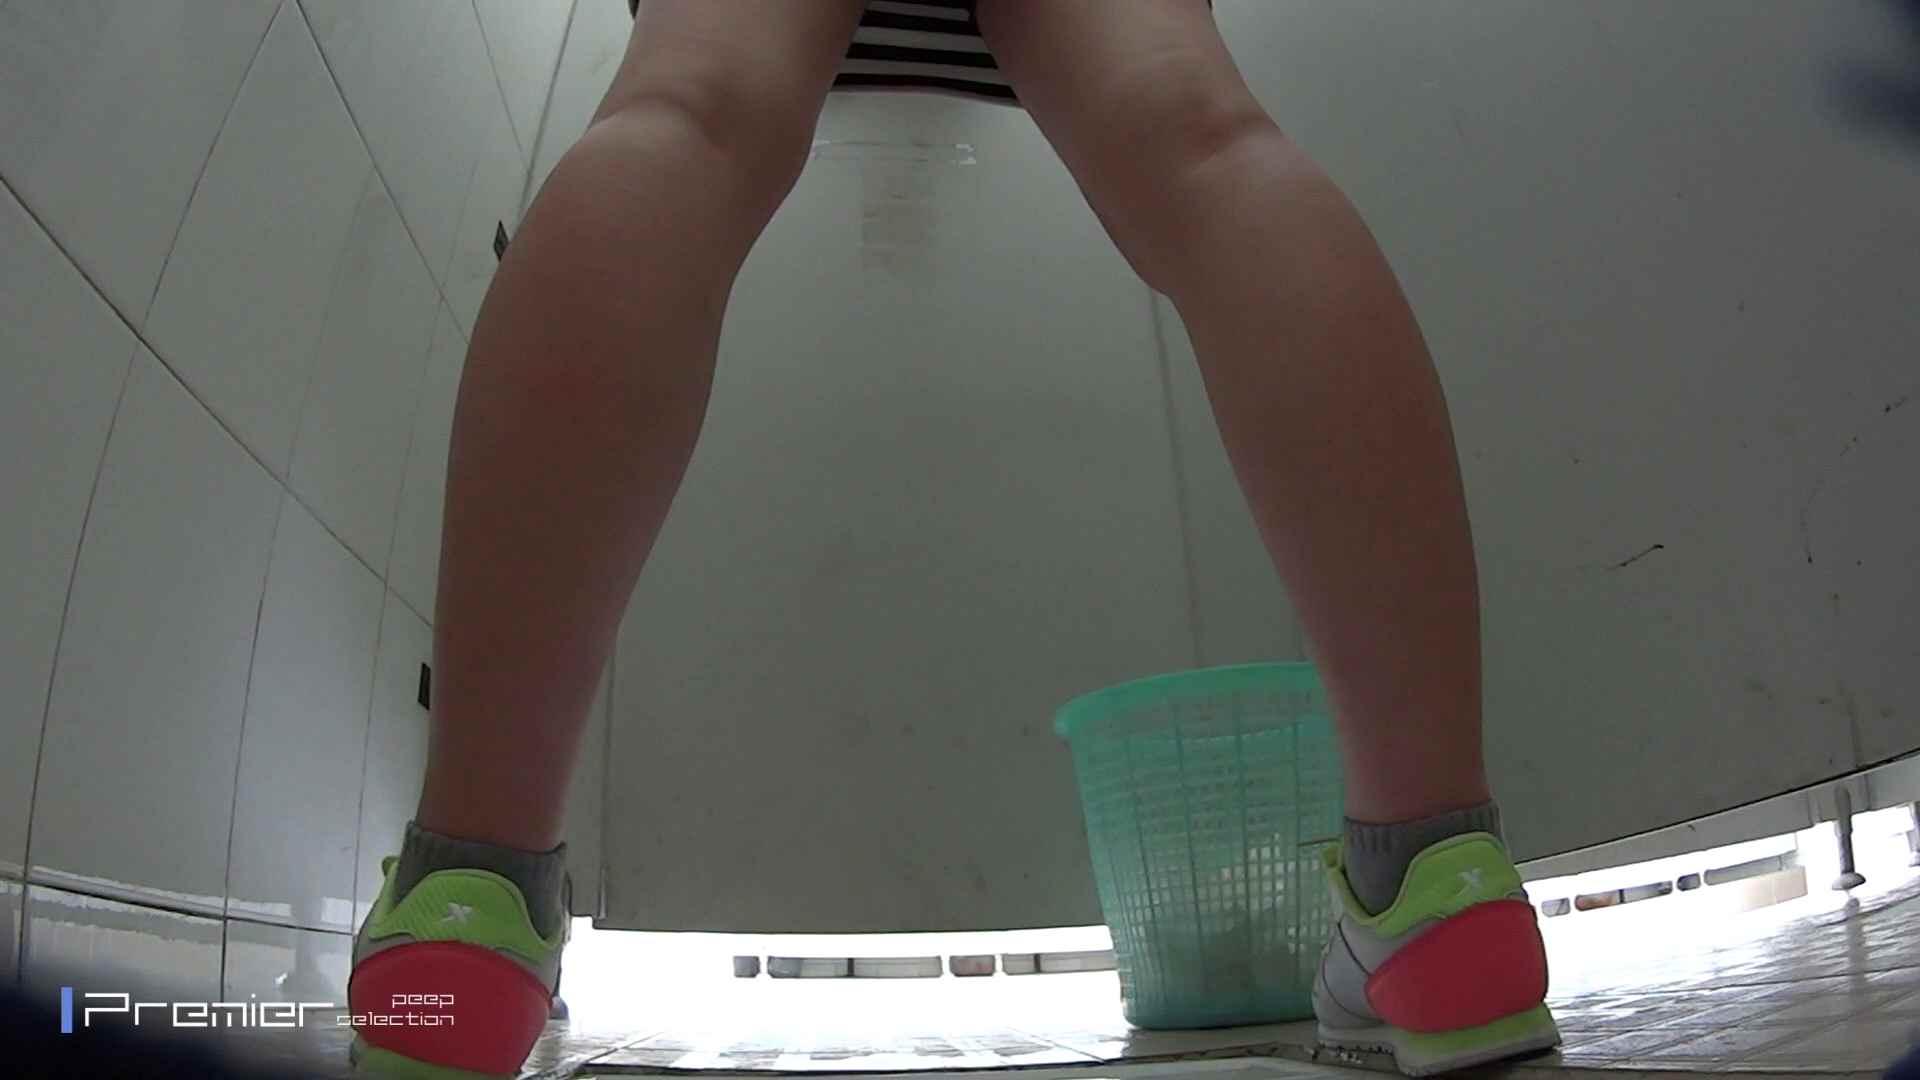 美しい女良たちのトイレ事情 有名大学休憩時間の洗面所事情06 高画質 オマンコ無修正動画無料 56画像 55